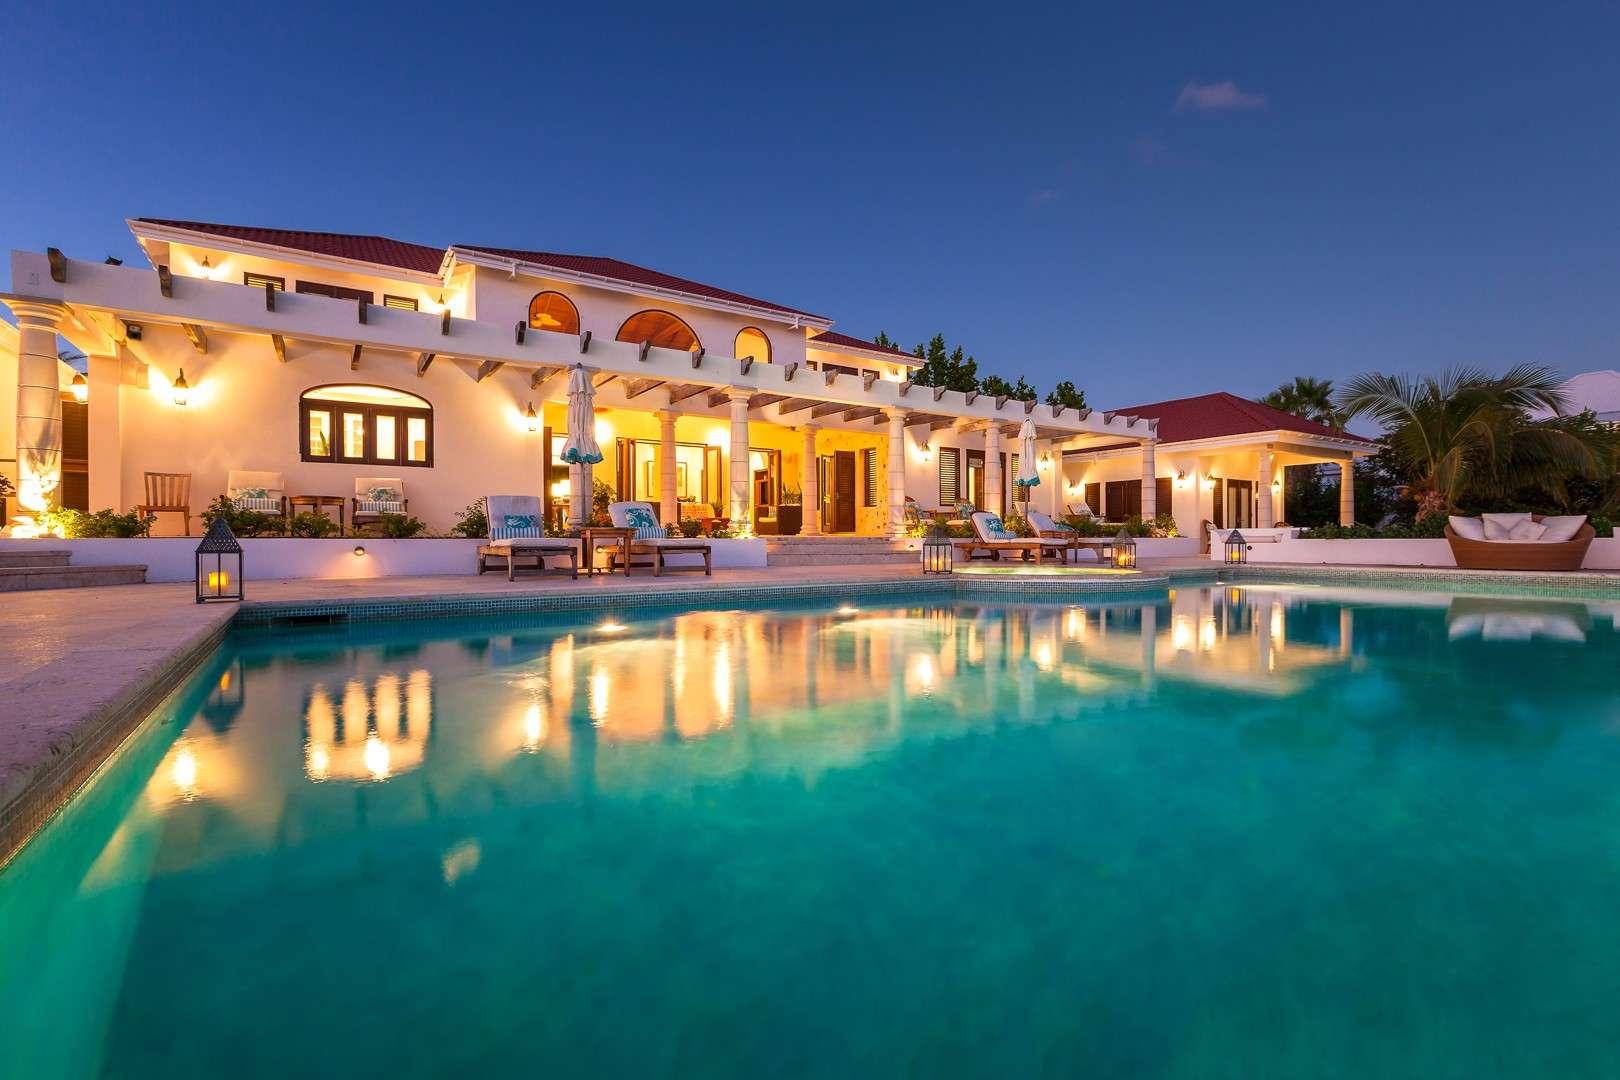 Luxury villa rentals caribbean - Anguilla - Blowing point - No location 4 - Villa Alegria - Image 1/18